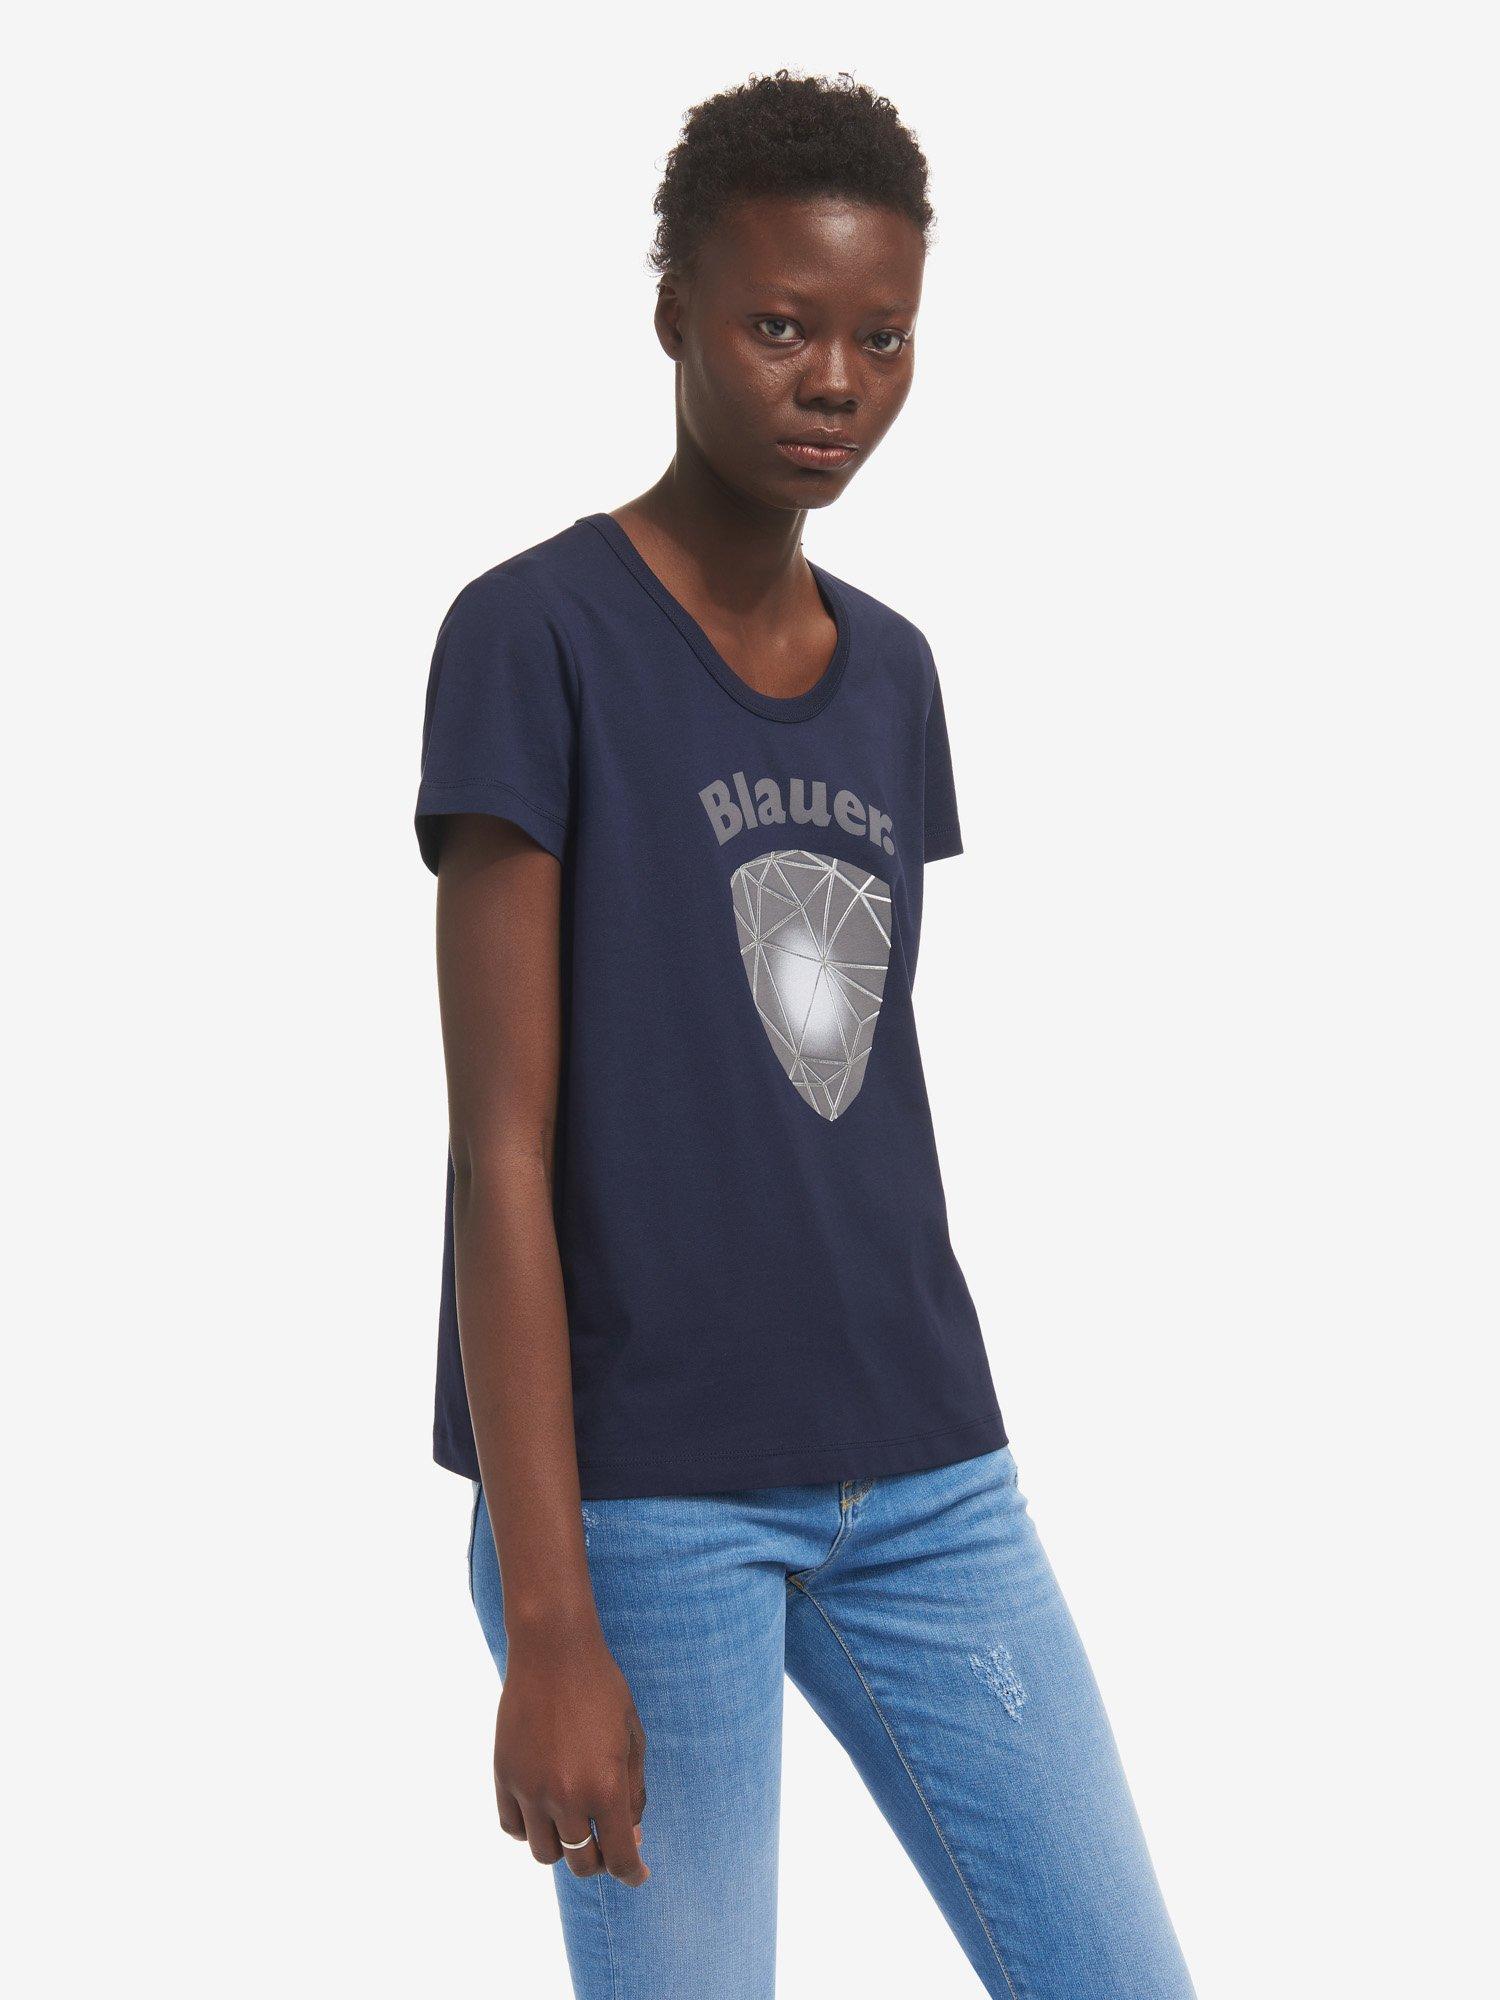 T-SHIRT BLAUER 3D - Blauer